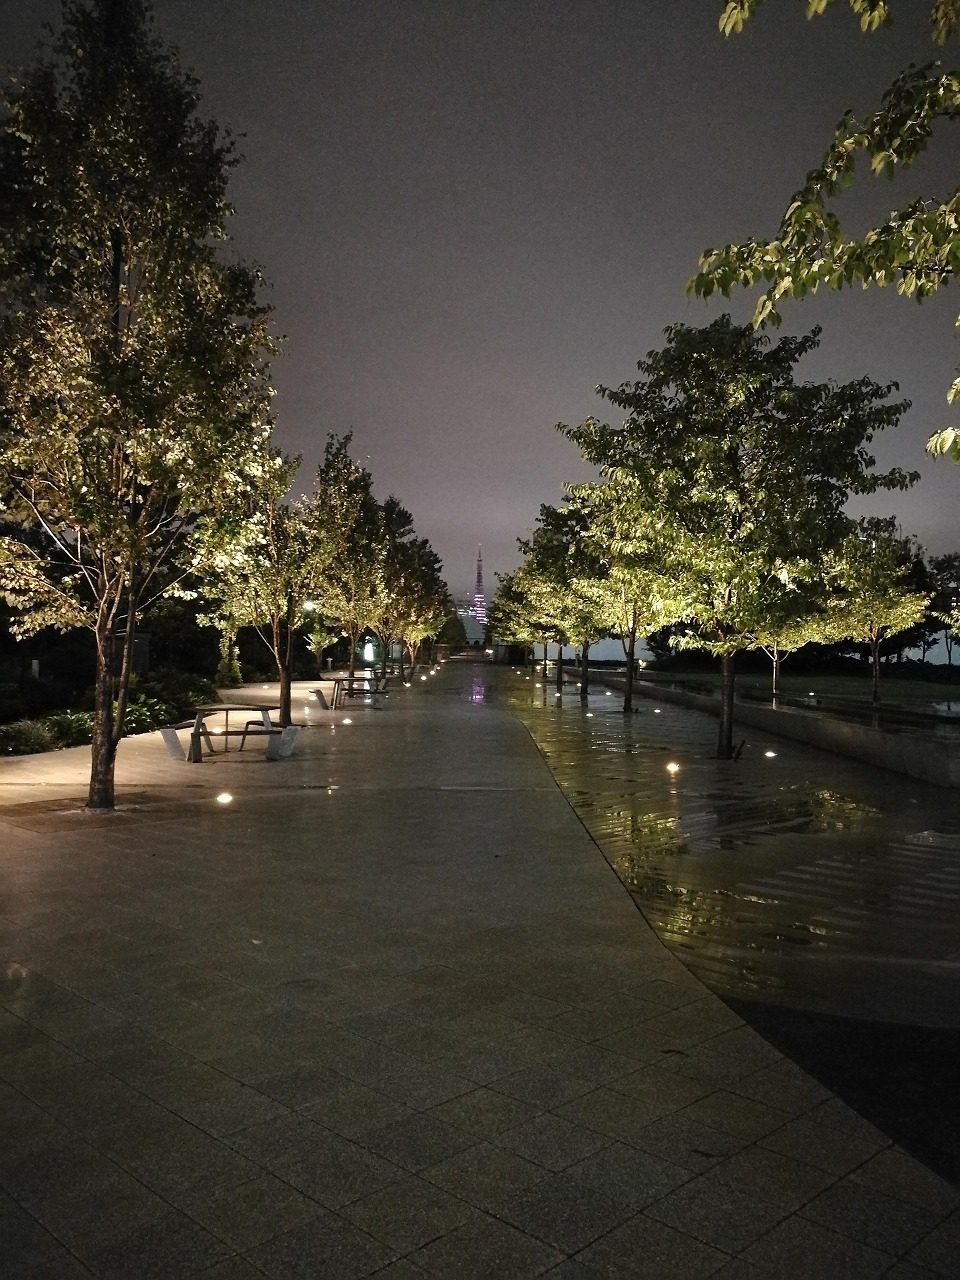 ⑦25lx_シーズンテラス裏 東京タワーまで一直線 抜け感のある道 木々のライトアップも綺麗_英雄